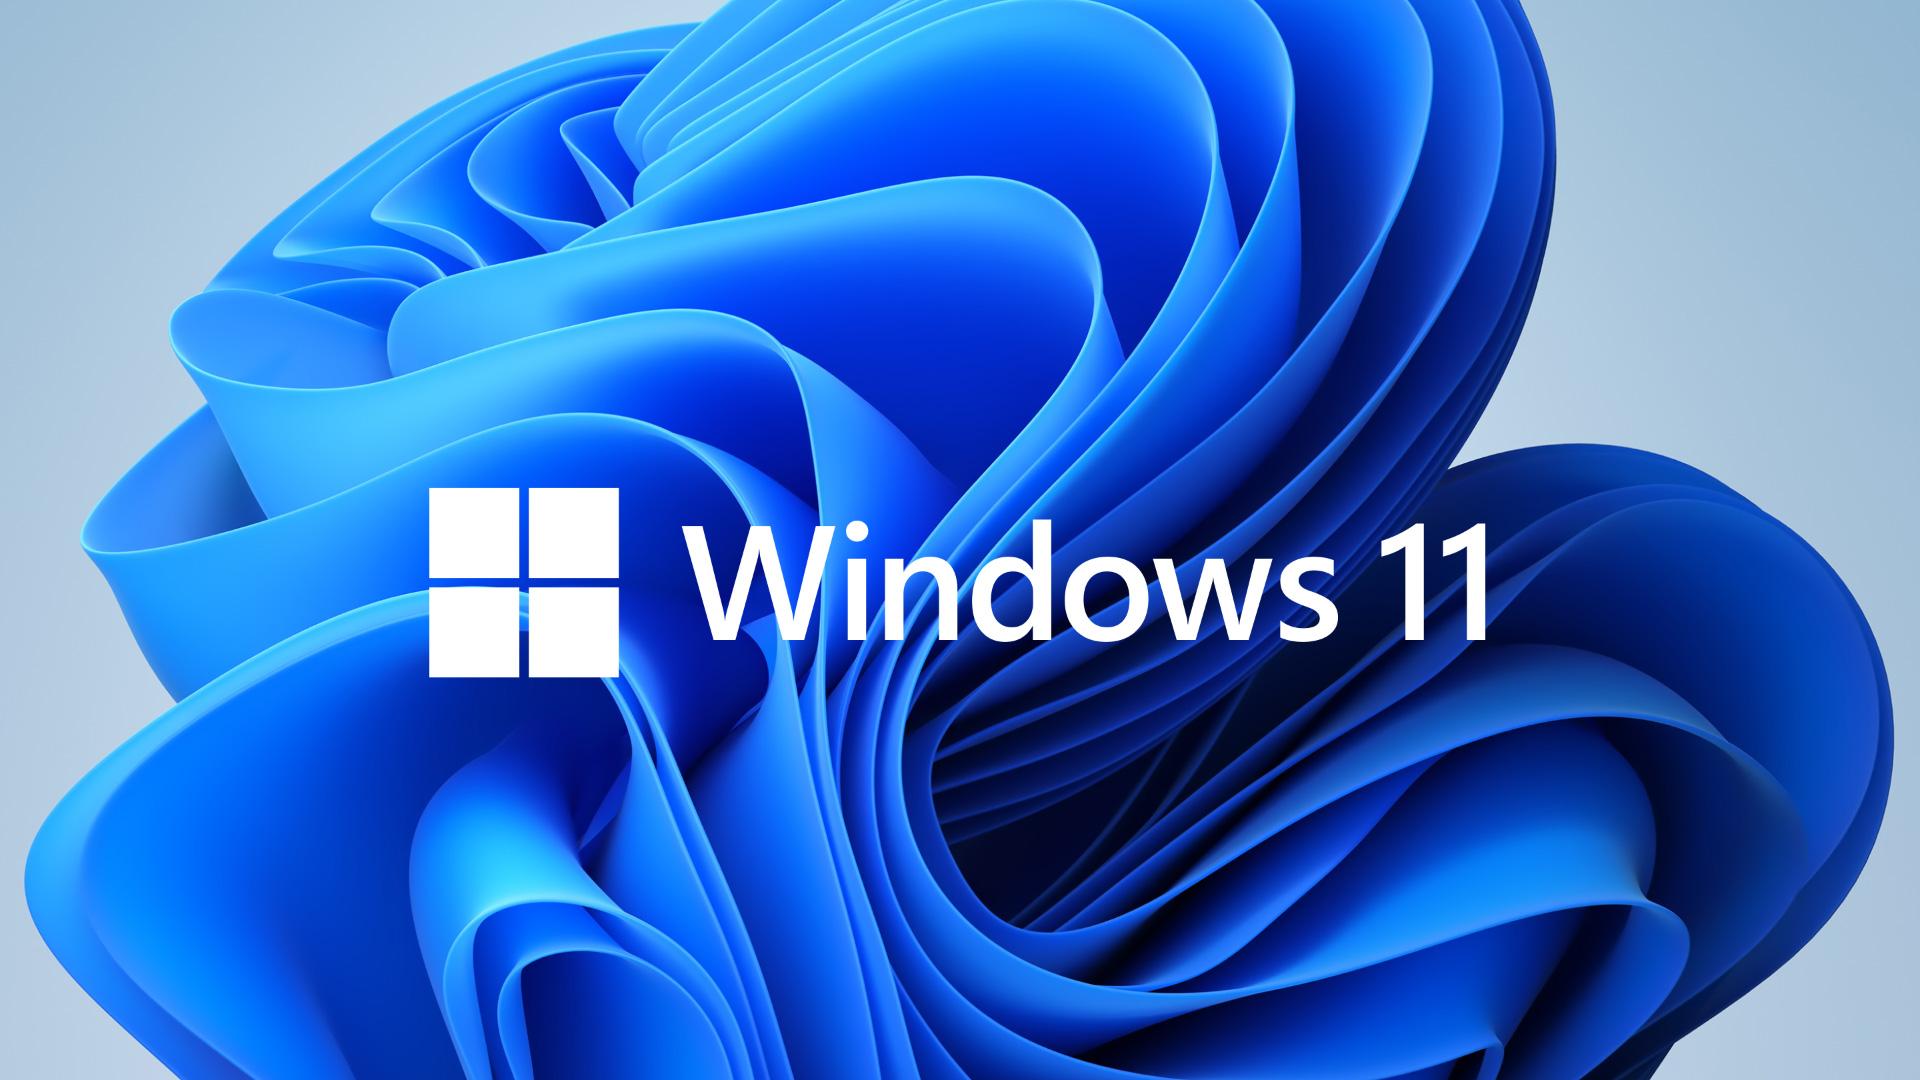 Логотип Windows 11 на украшенном фоне